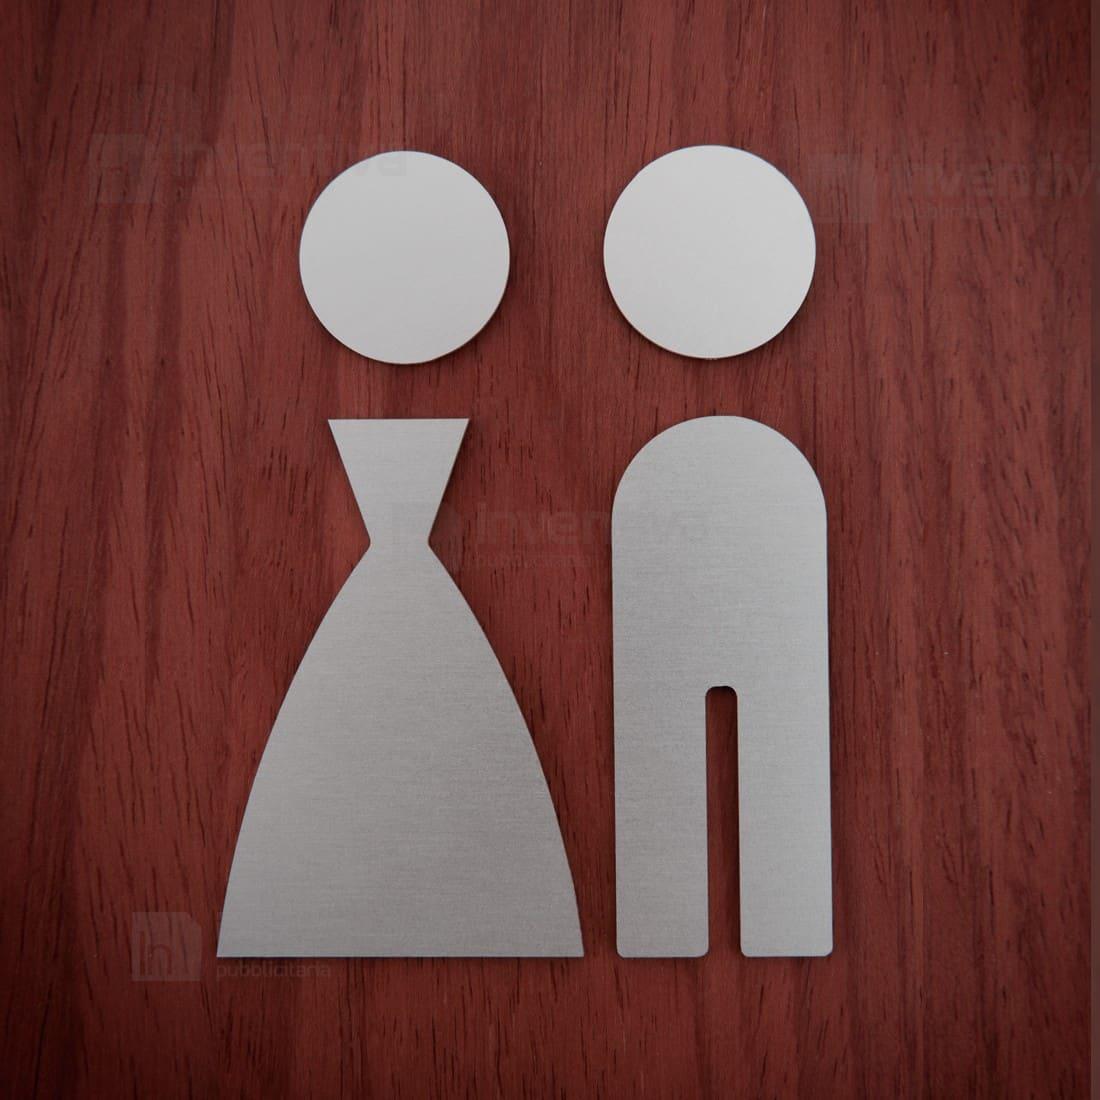 pittogrammi toilette in alluminio sagomate - Targhe Per Toilette